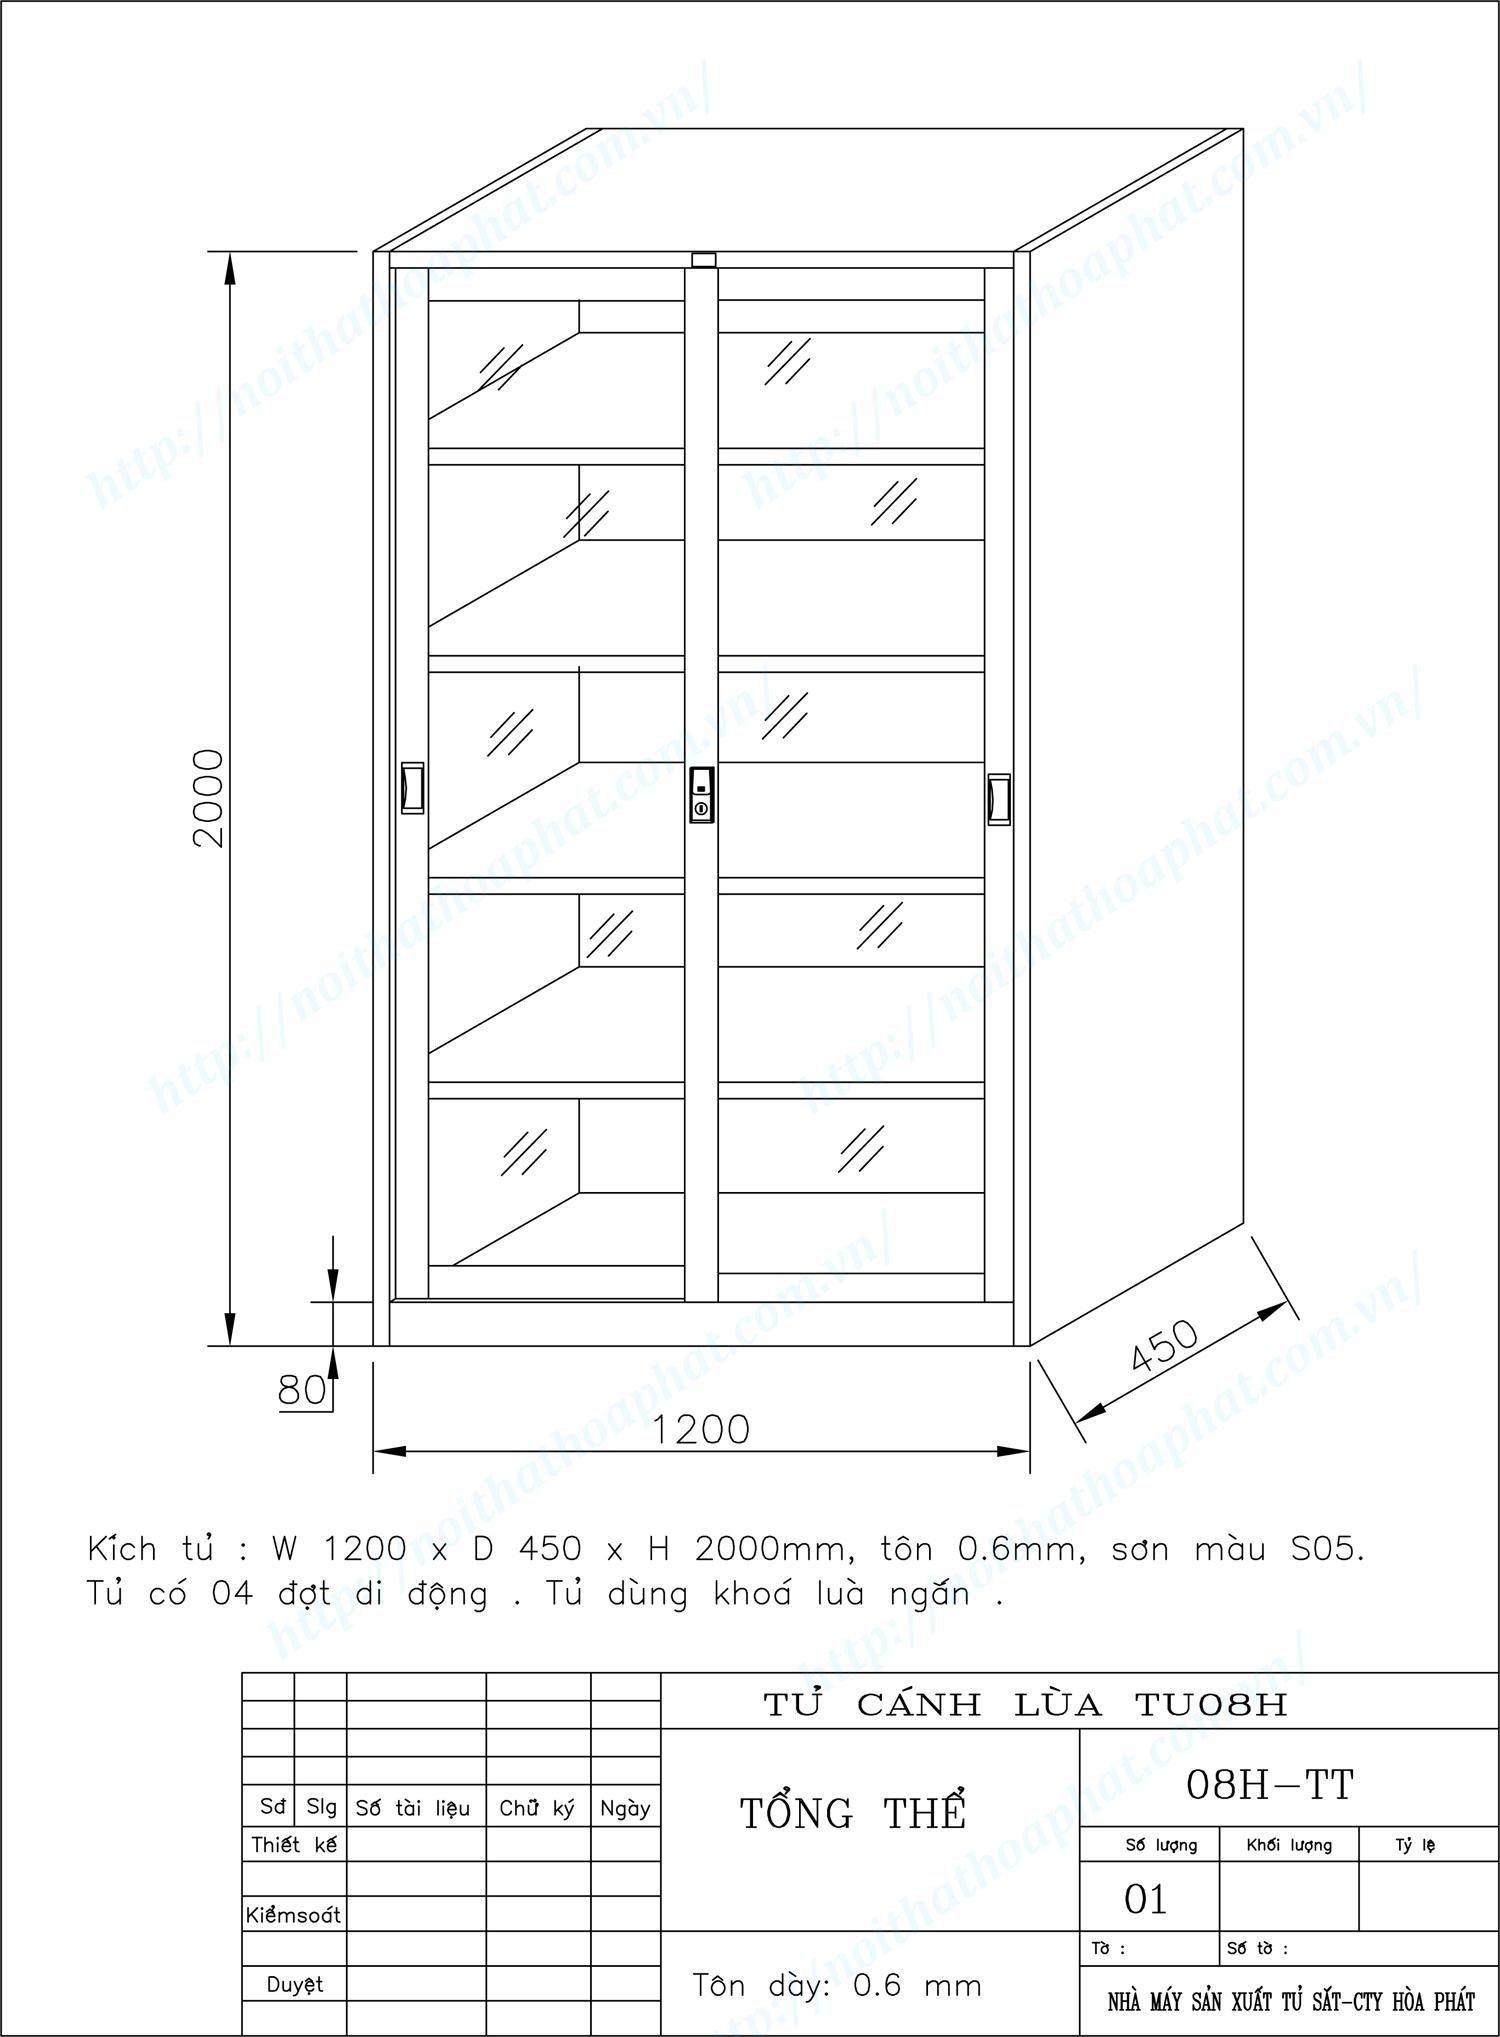 Bản vẽ kỹ thuật thiết kế tủ hồ sơ cánh kính lùa TU08H